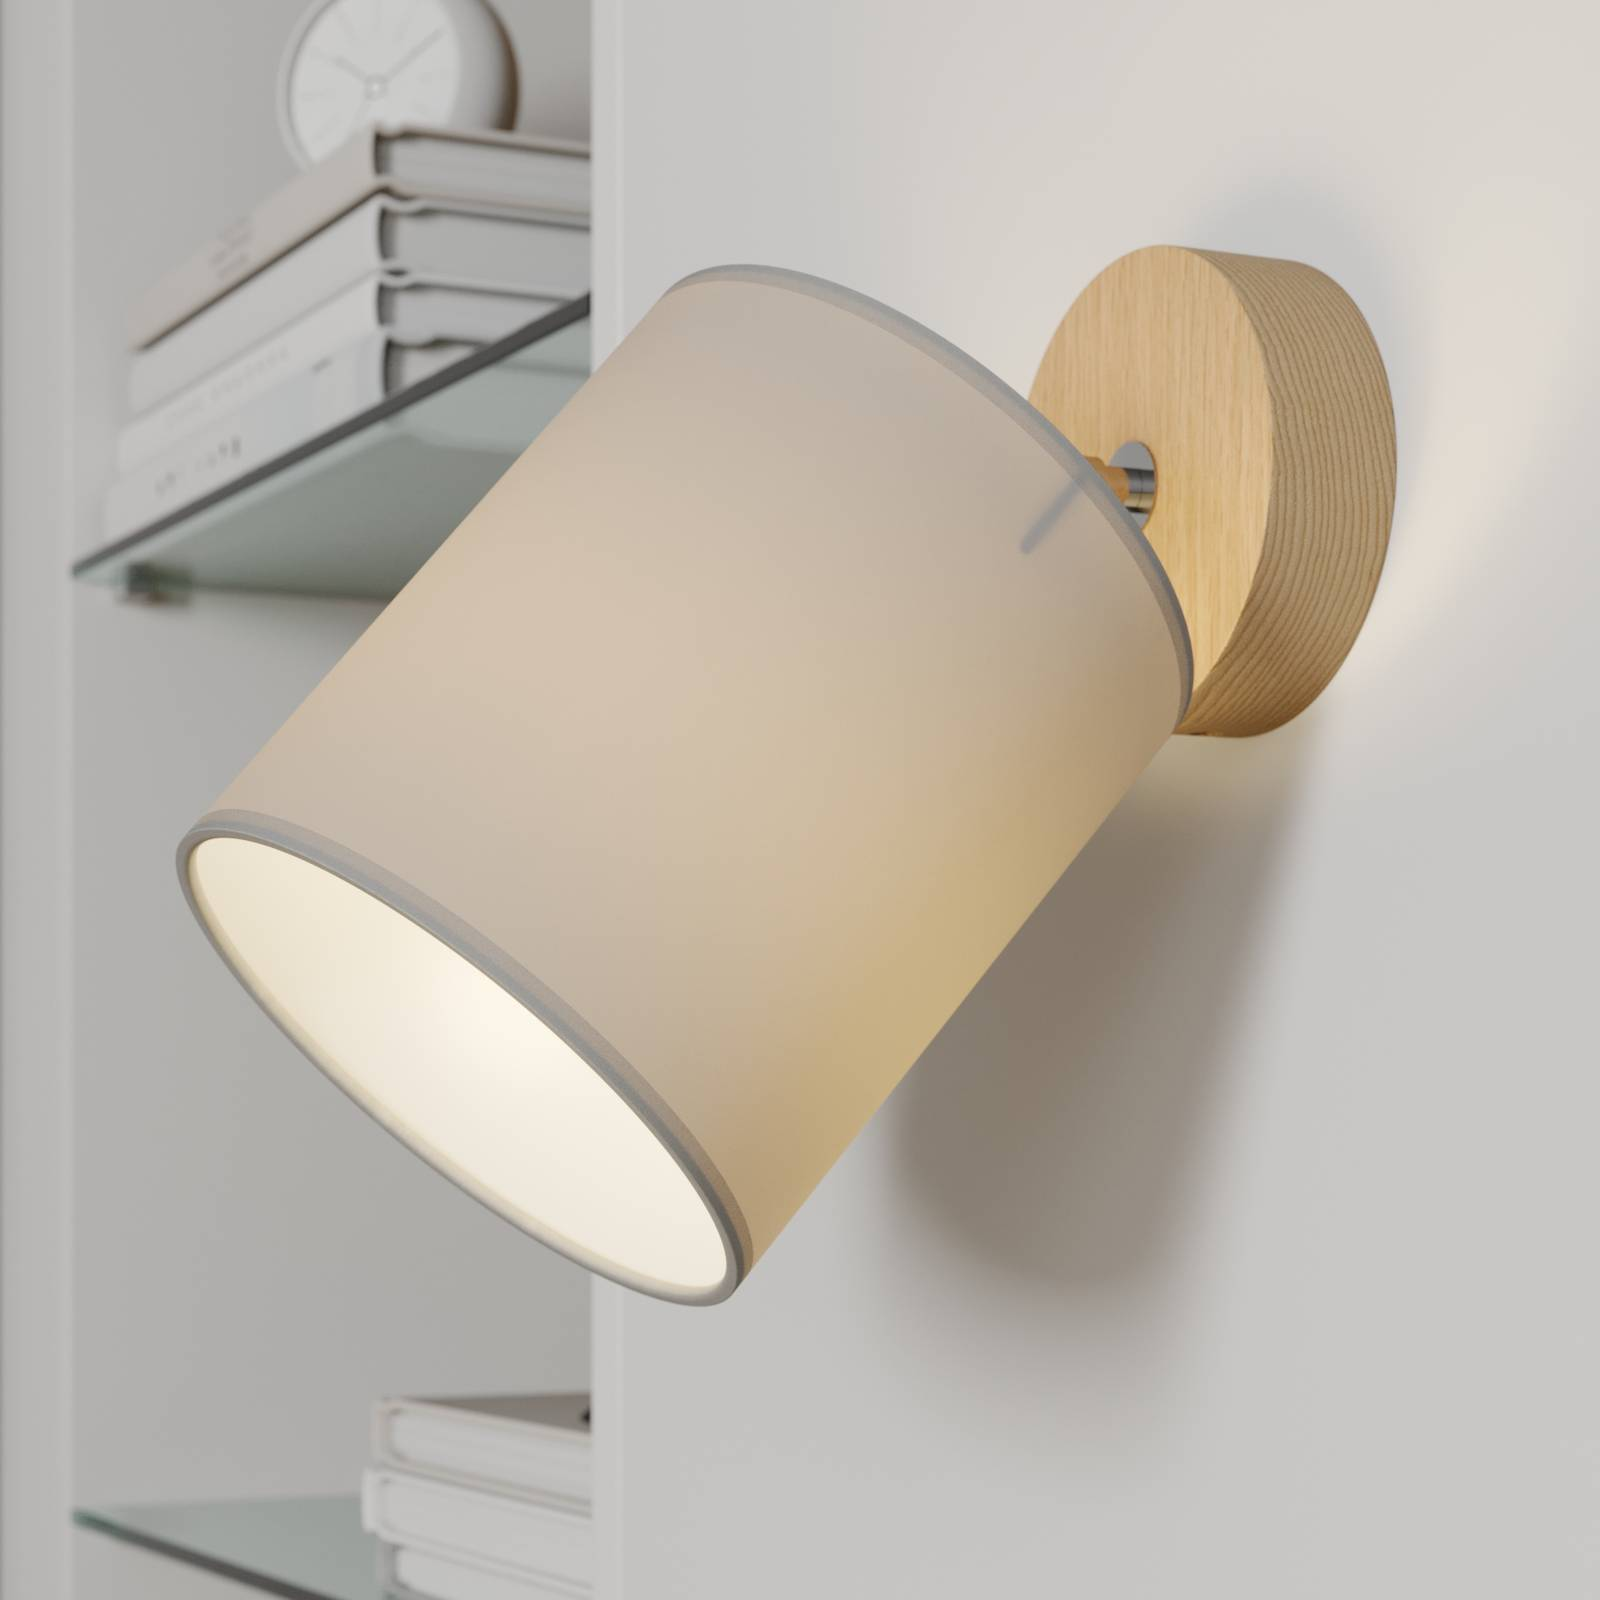 Seinäkohdevalaisin Corralee, harmaa, 1-lamppuinen